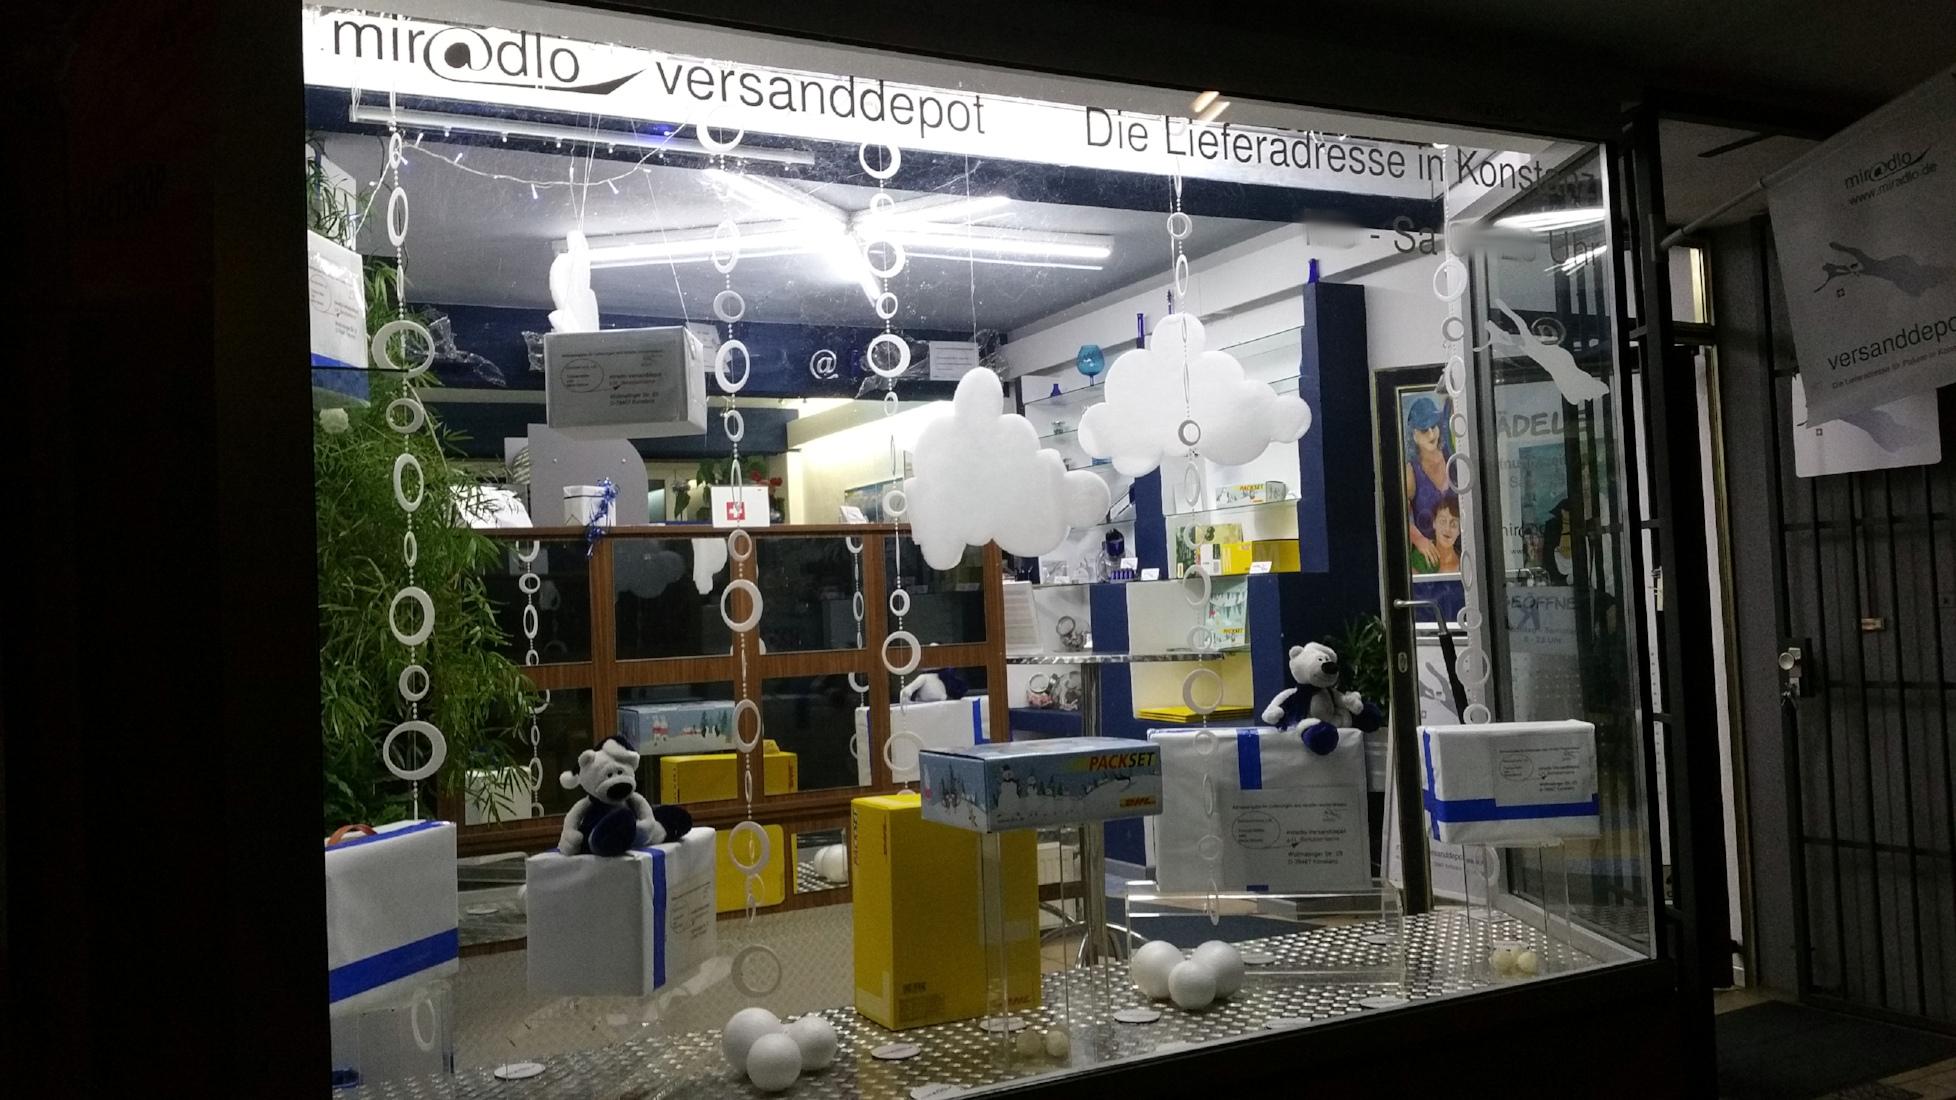 Schneedeko im Schaufenster im Dezember noch ohne Schnee außen - miradlo Versanddepot Konstanz